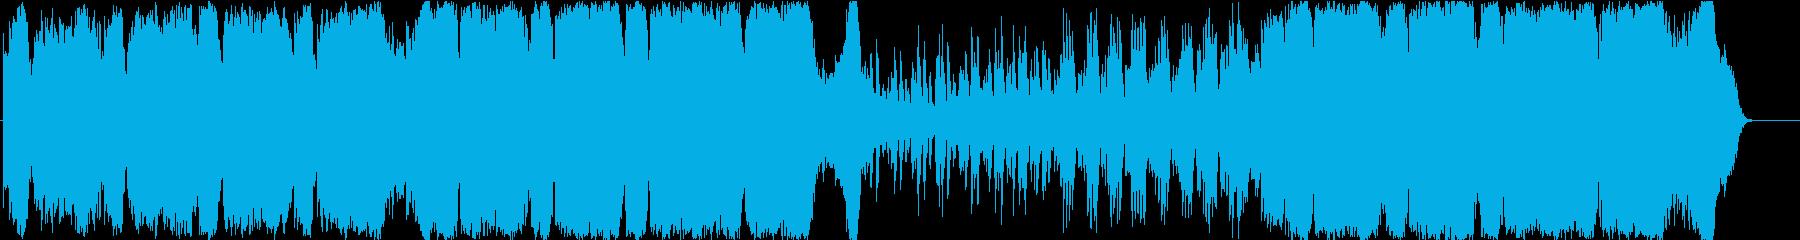 ハリウッド映画 エピック・オーケストラの再生済みの波形